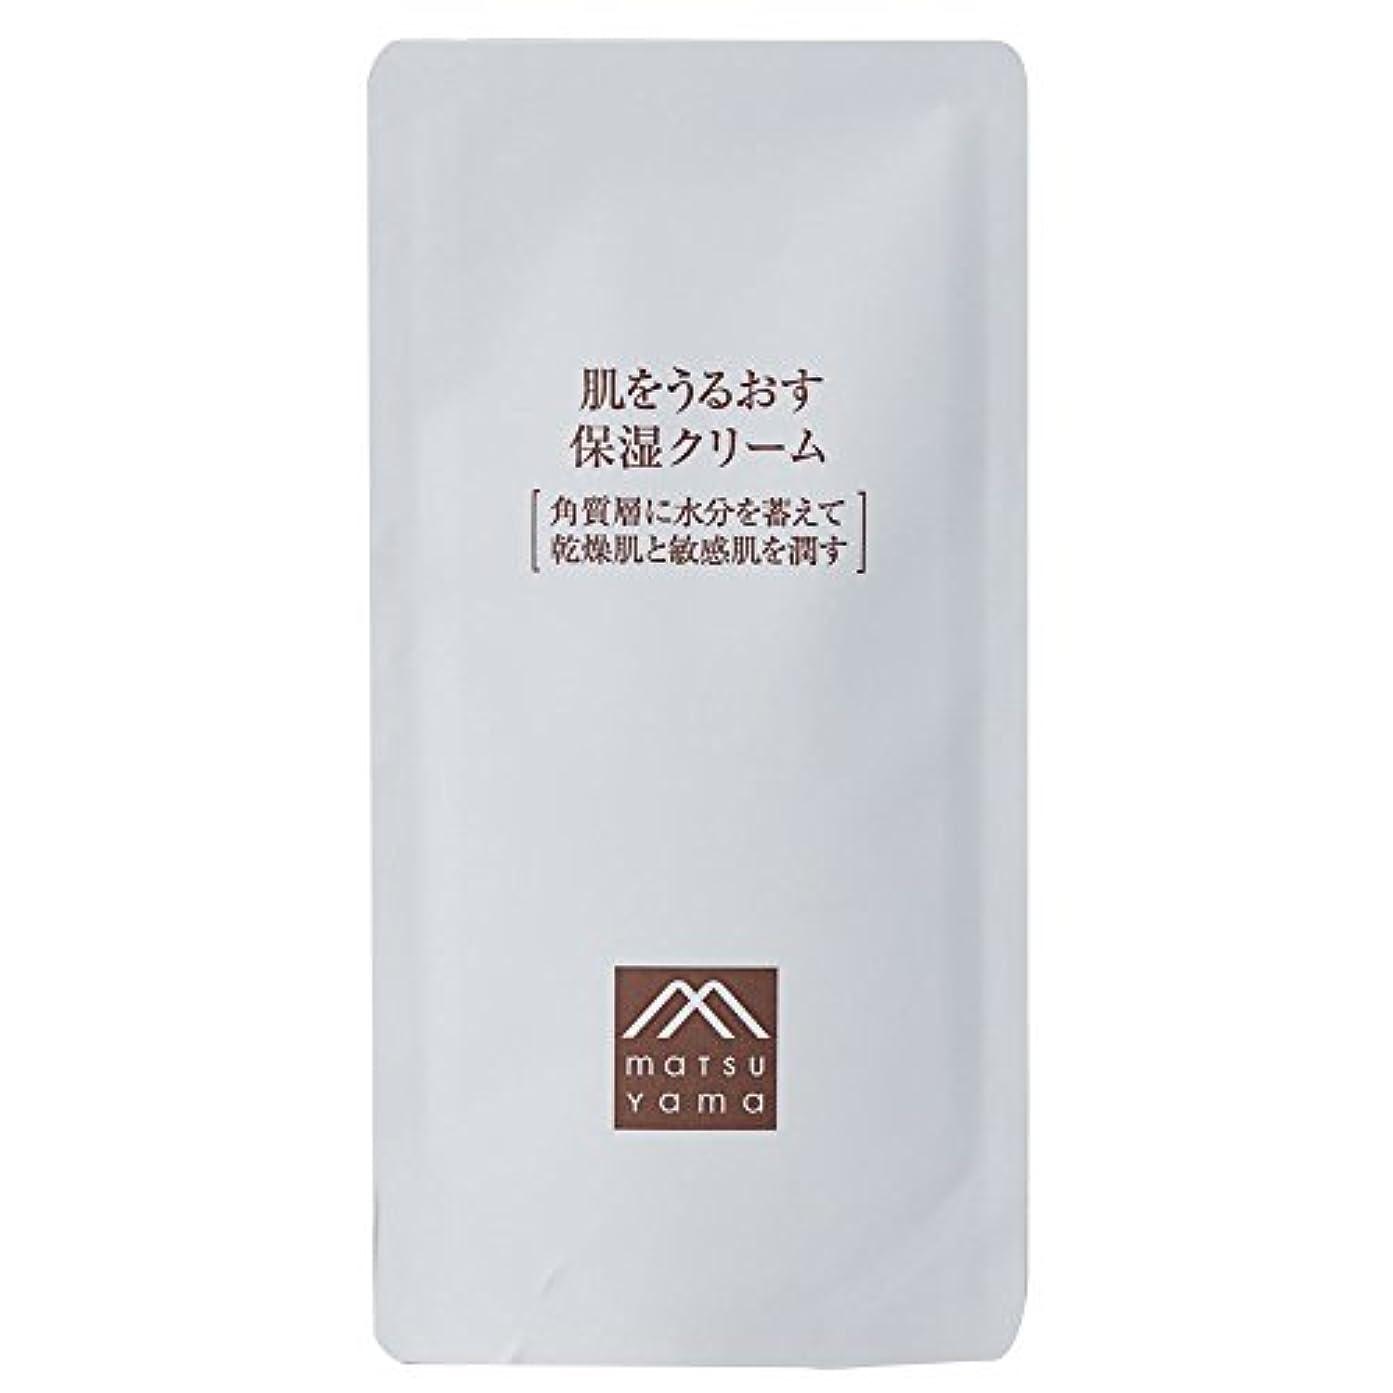 引き付ける接地前に肌をうるおす保湿クリーム 詰替用(クリーム) 濃厚クリーム [乾燥肌 敏感肌]